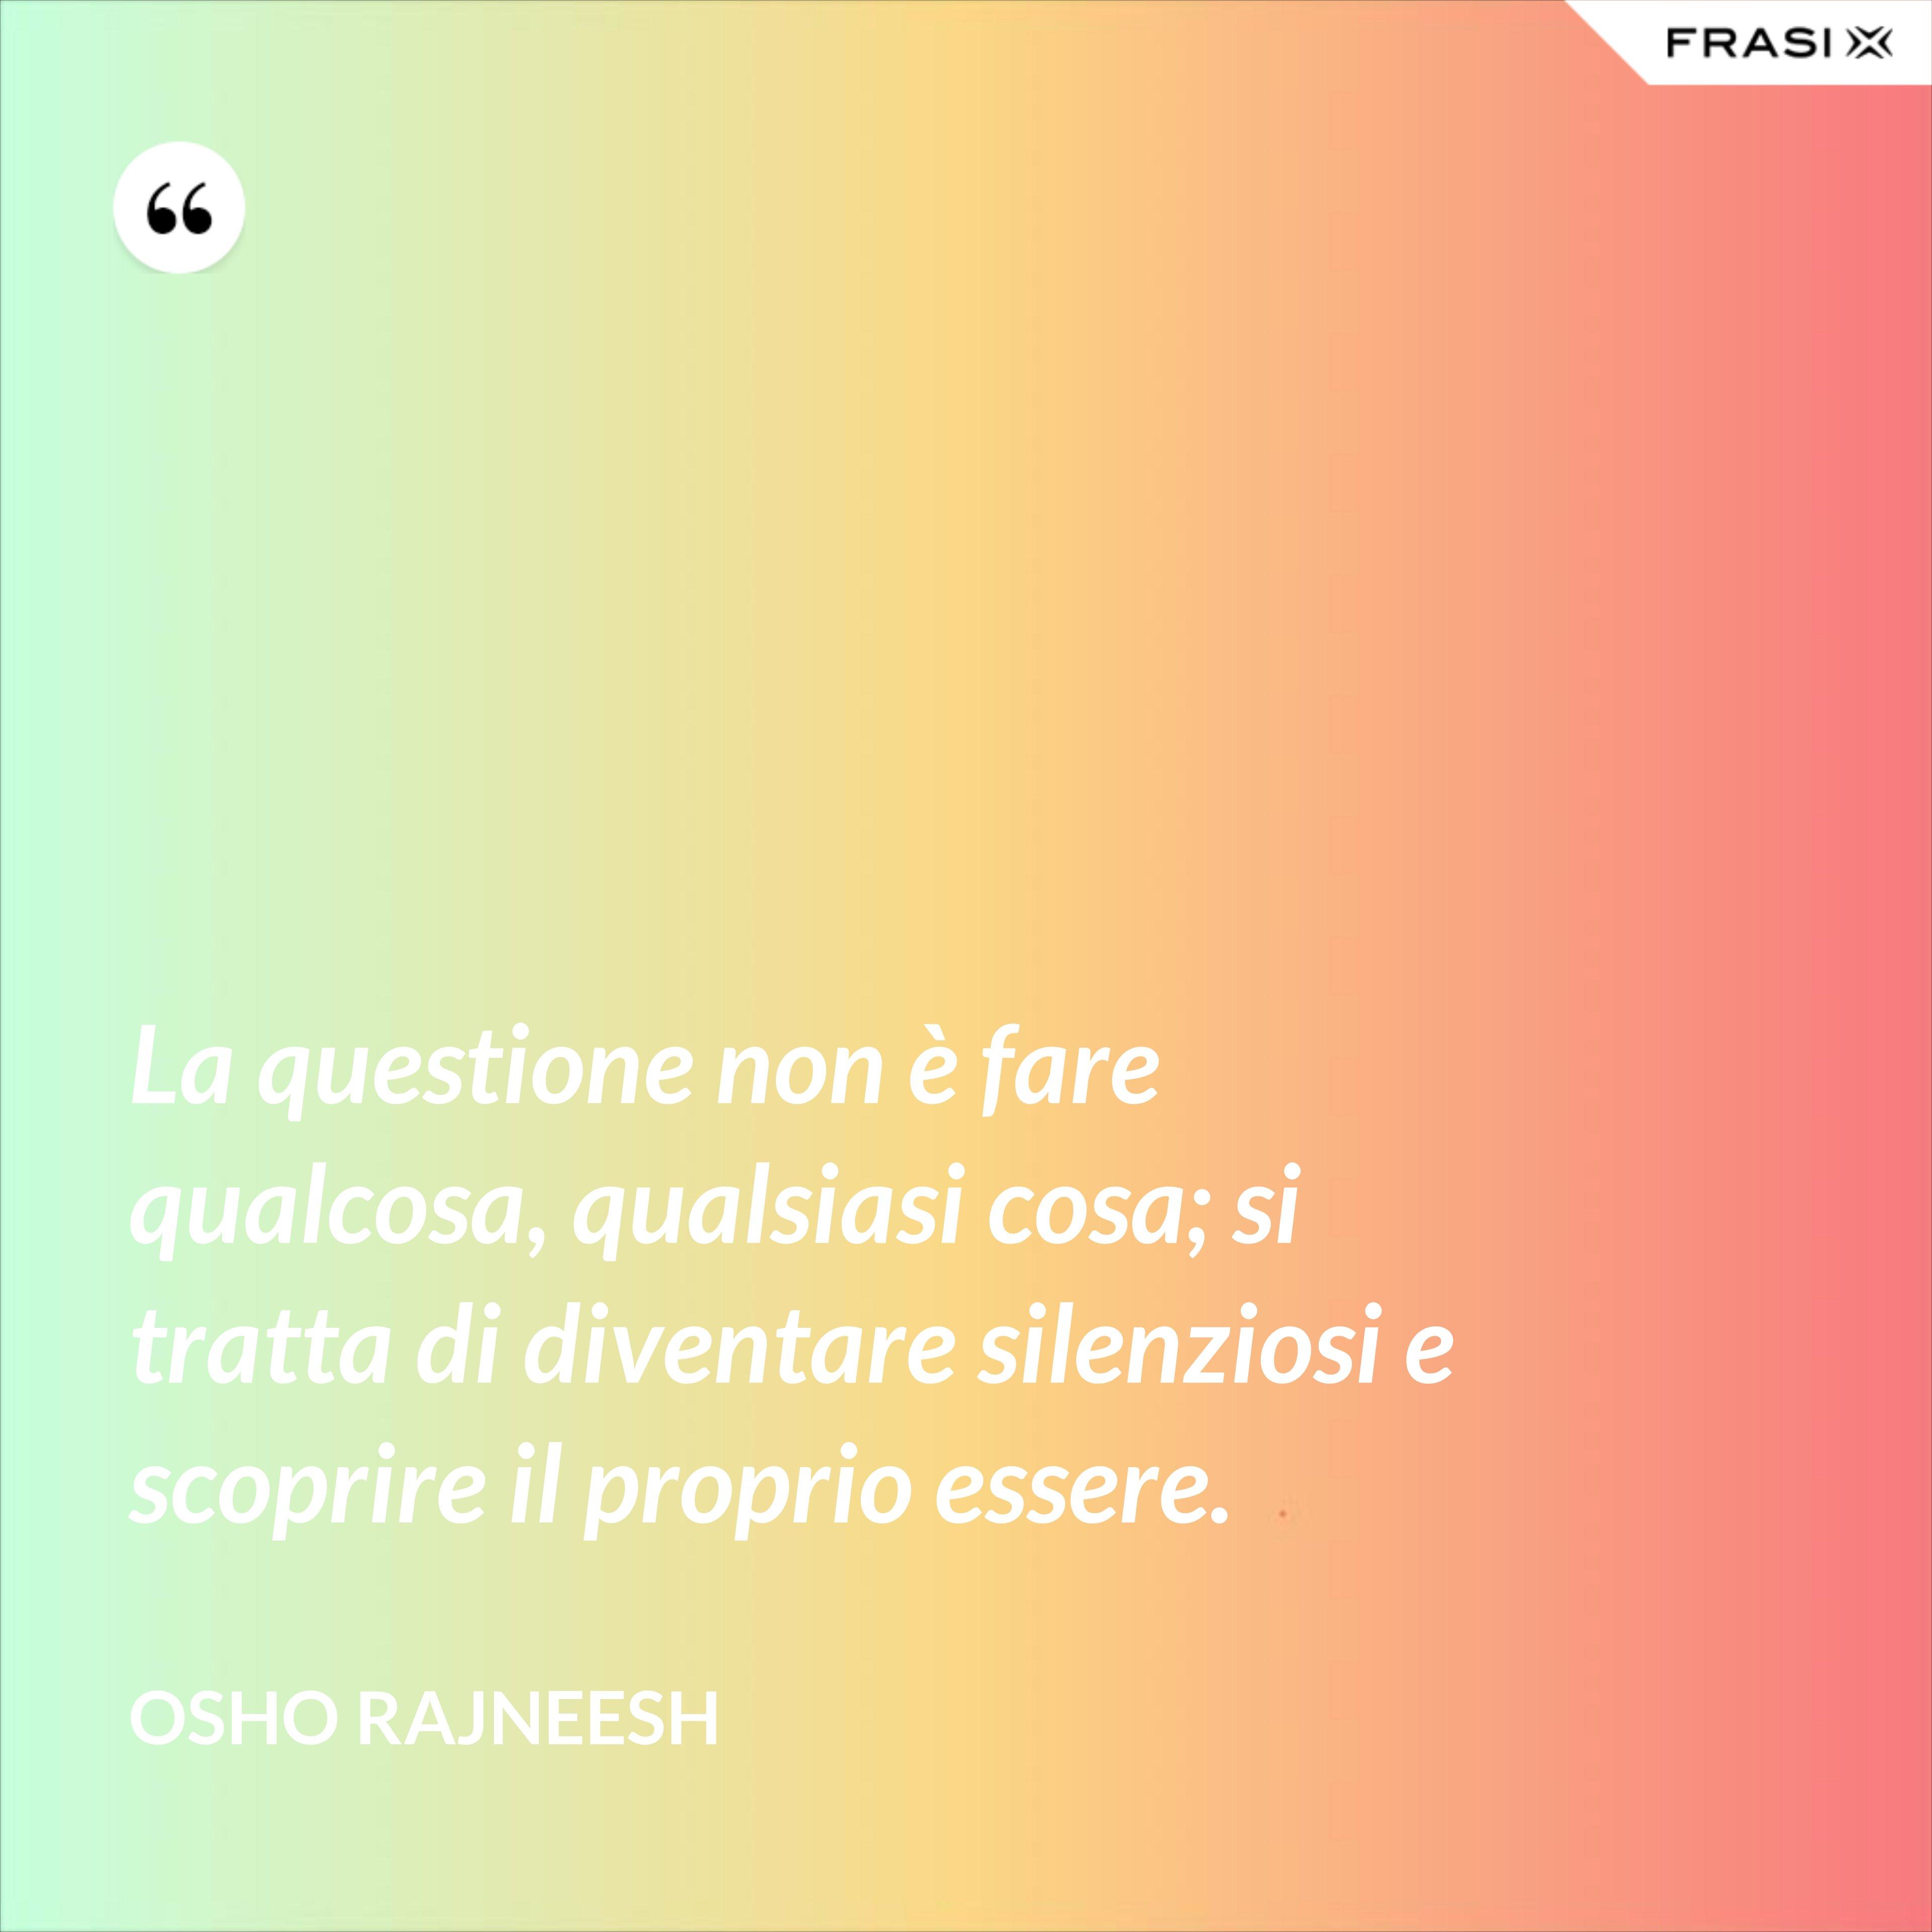 La questione non è fare qualcosa, qualsiasi cosa; si tratta di diventare silenziosi e scoprire il proprio essere. - Osho Rajneesh